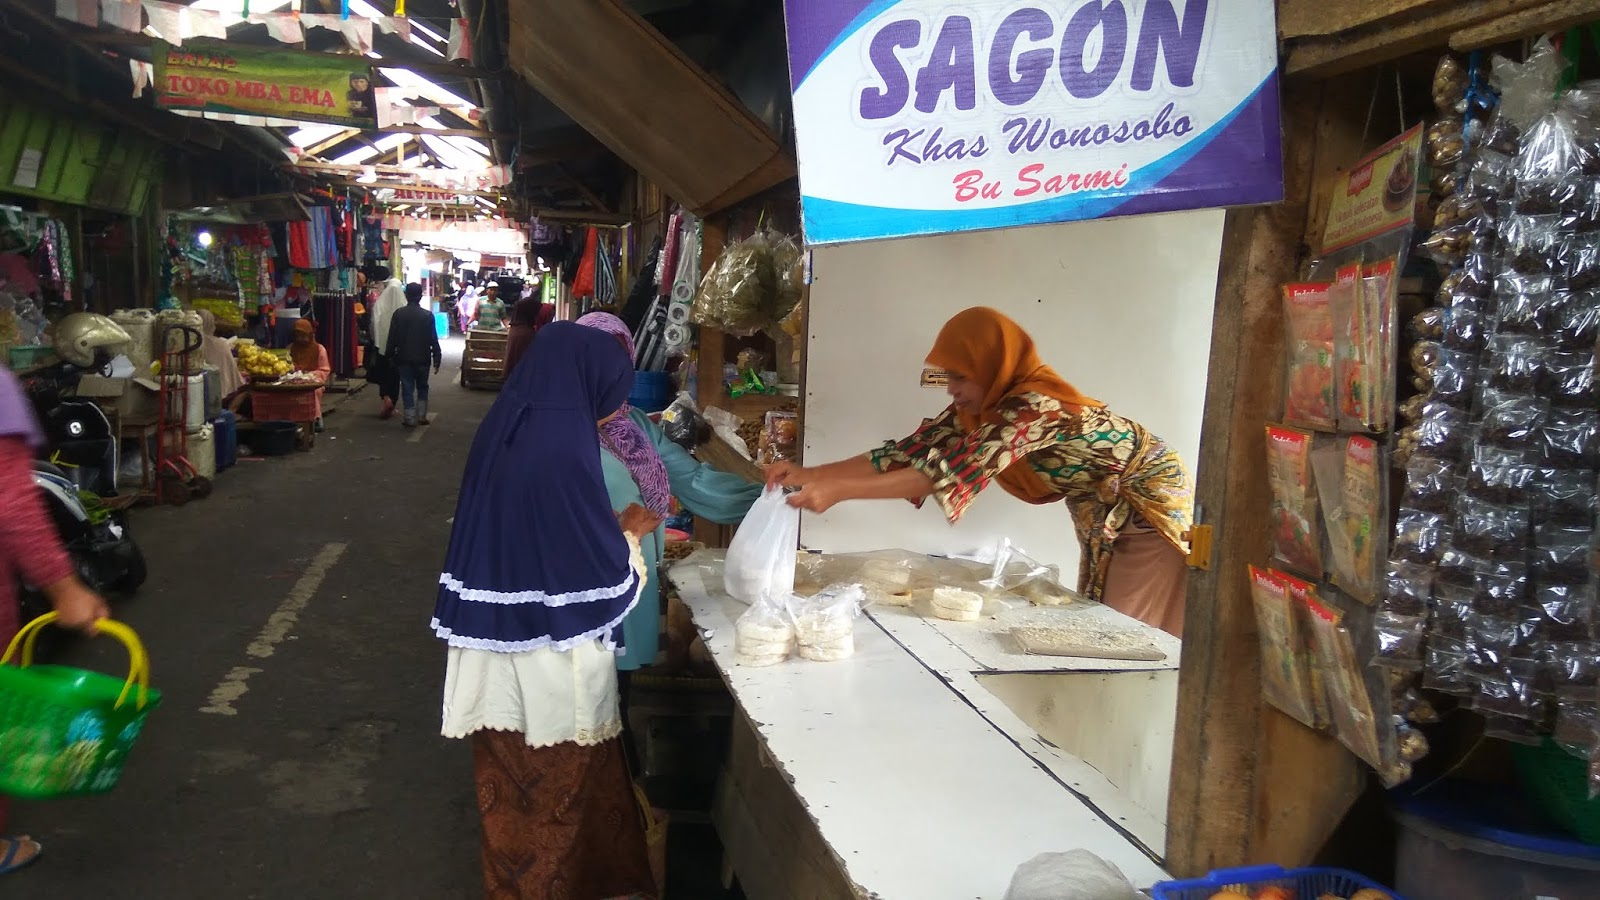 Sagon Basah Khas Wonosobo Bu Sarmi